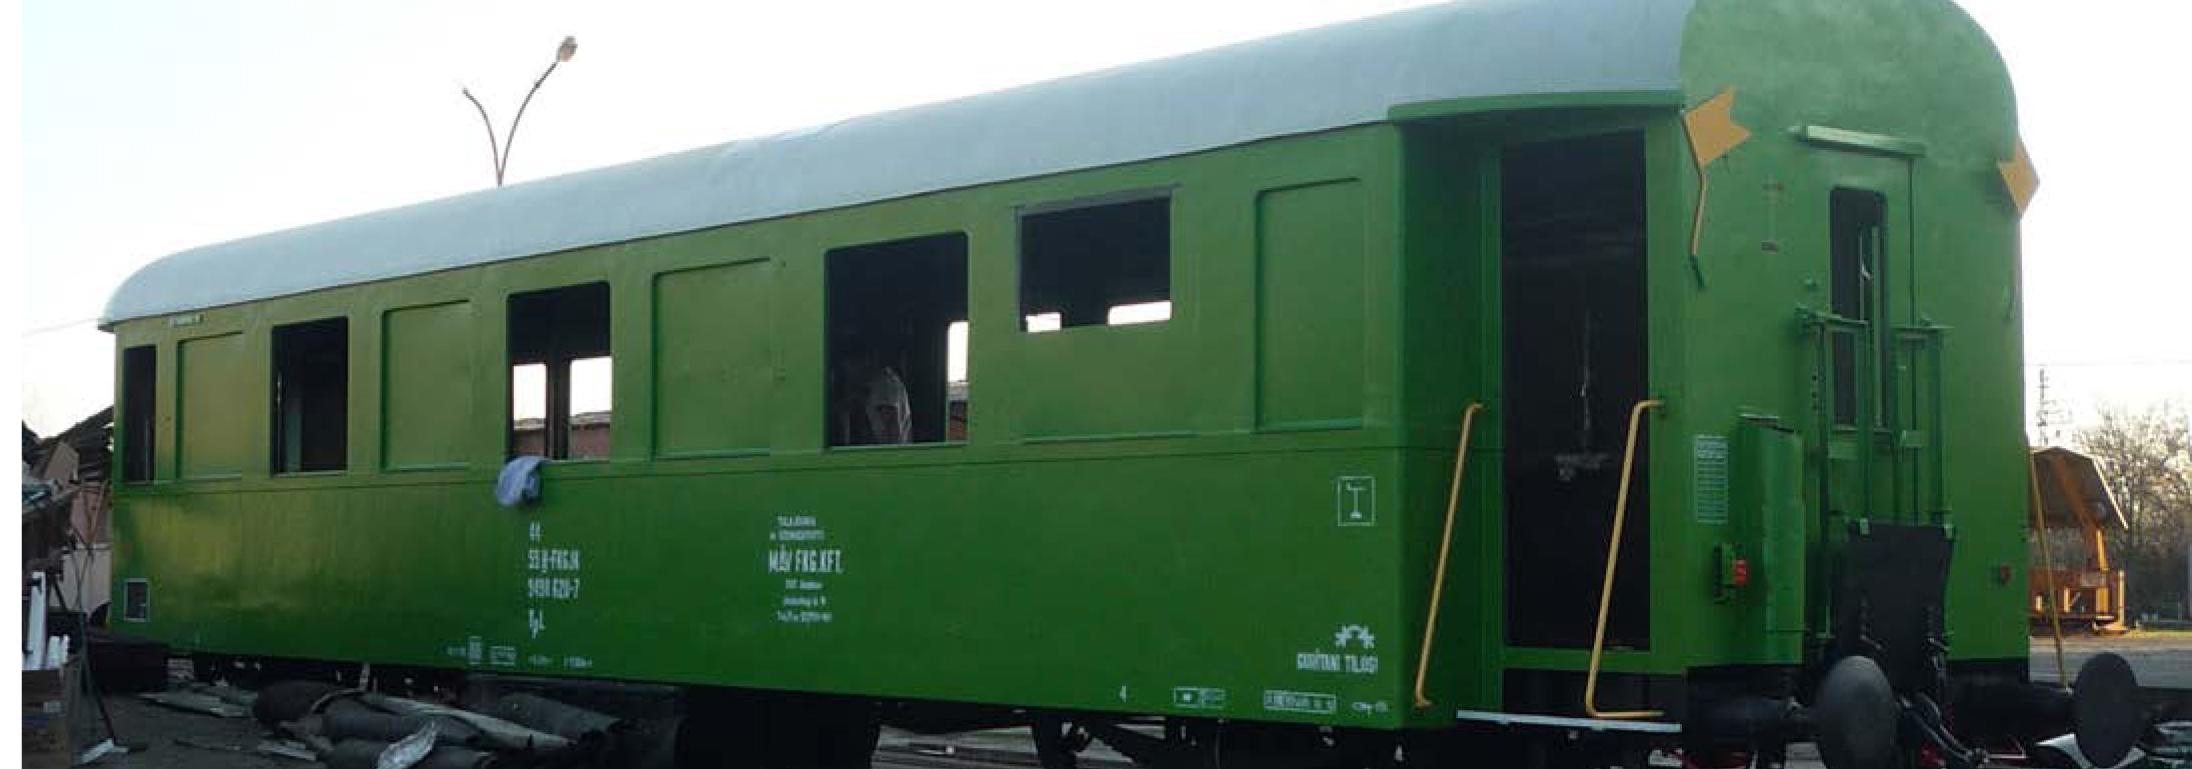 Guruló (majdnem) passzív házak a vasútnál